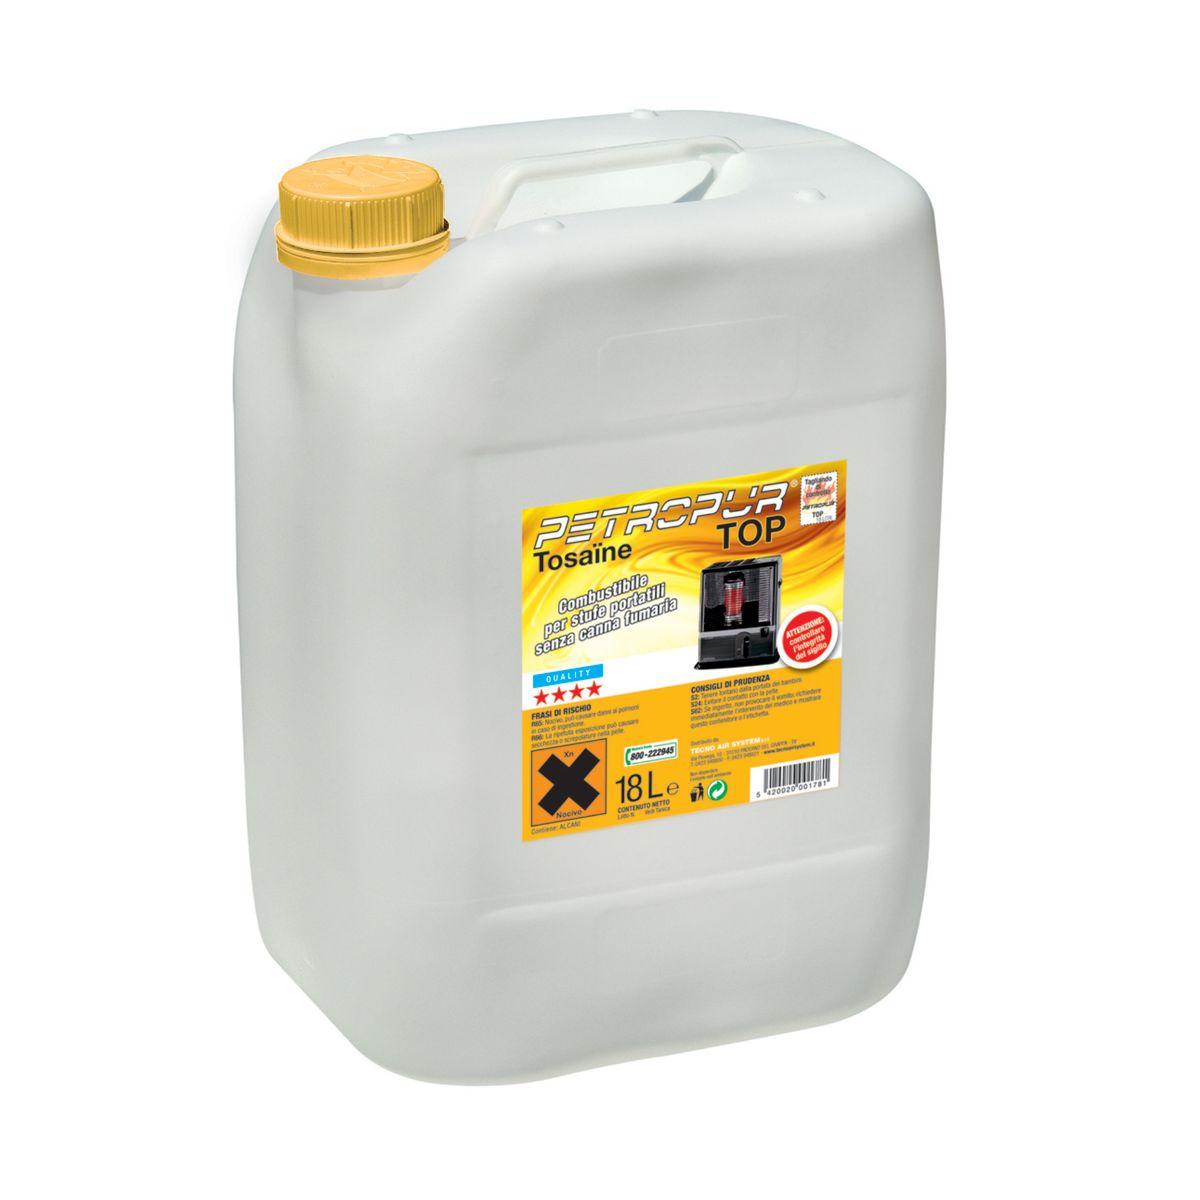 Bioetanolo leroy merlin best stufe a gas prezzi gallery for Stufa zibro bricoman